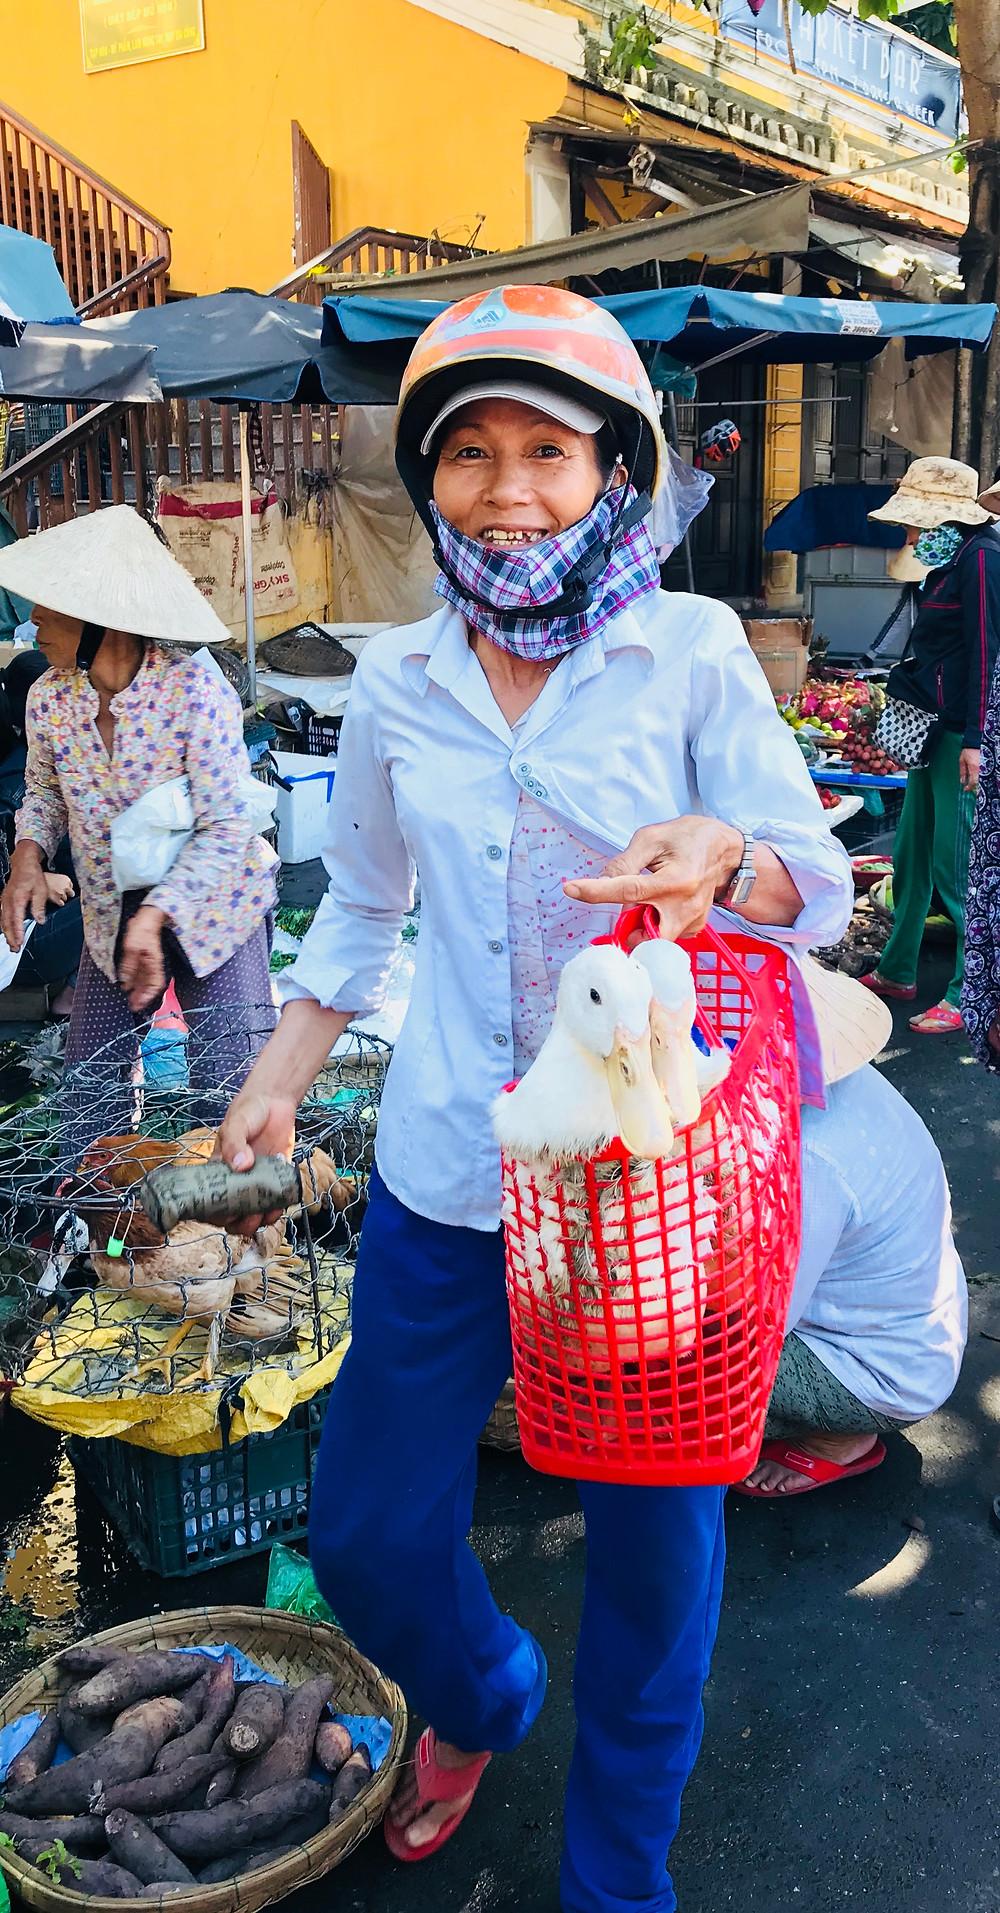 Hoi An, Vietnam central market